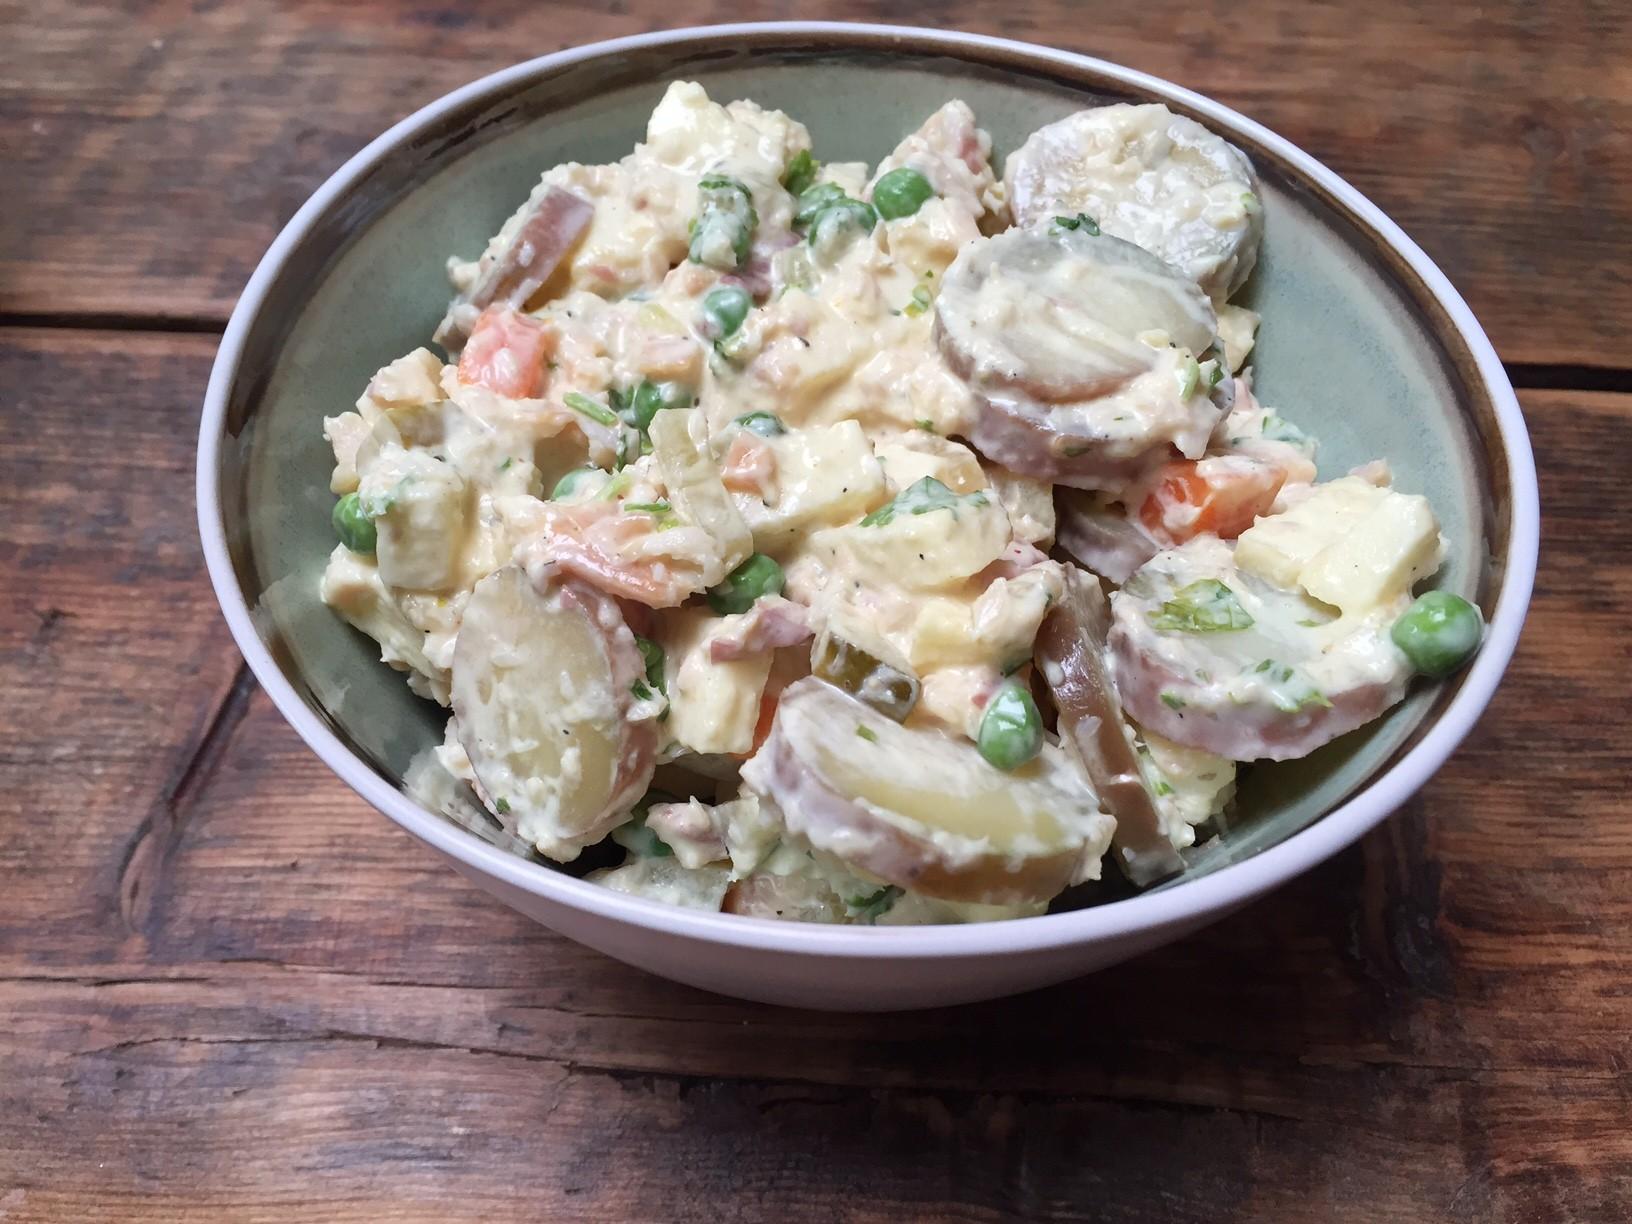 Recept voor huzarensalade met forel foodblog Foodinista